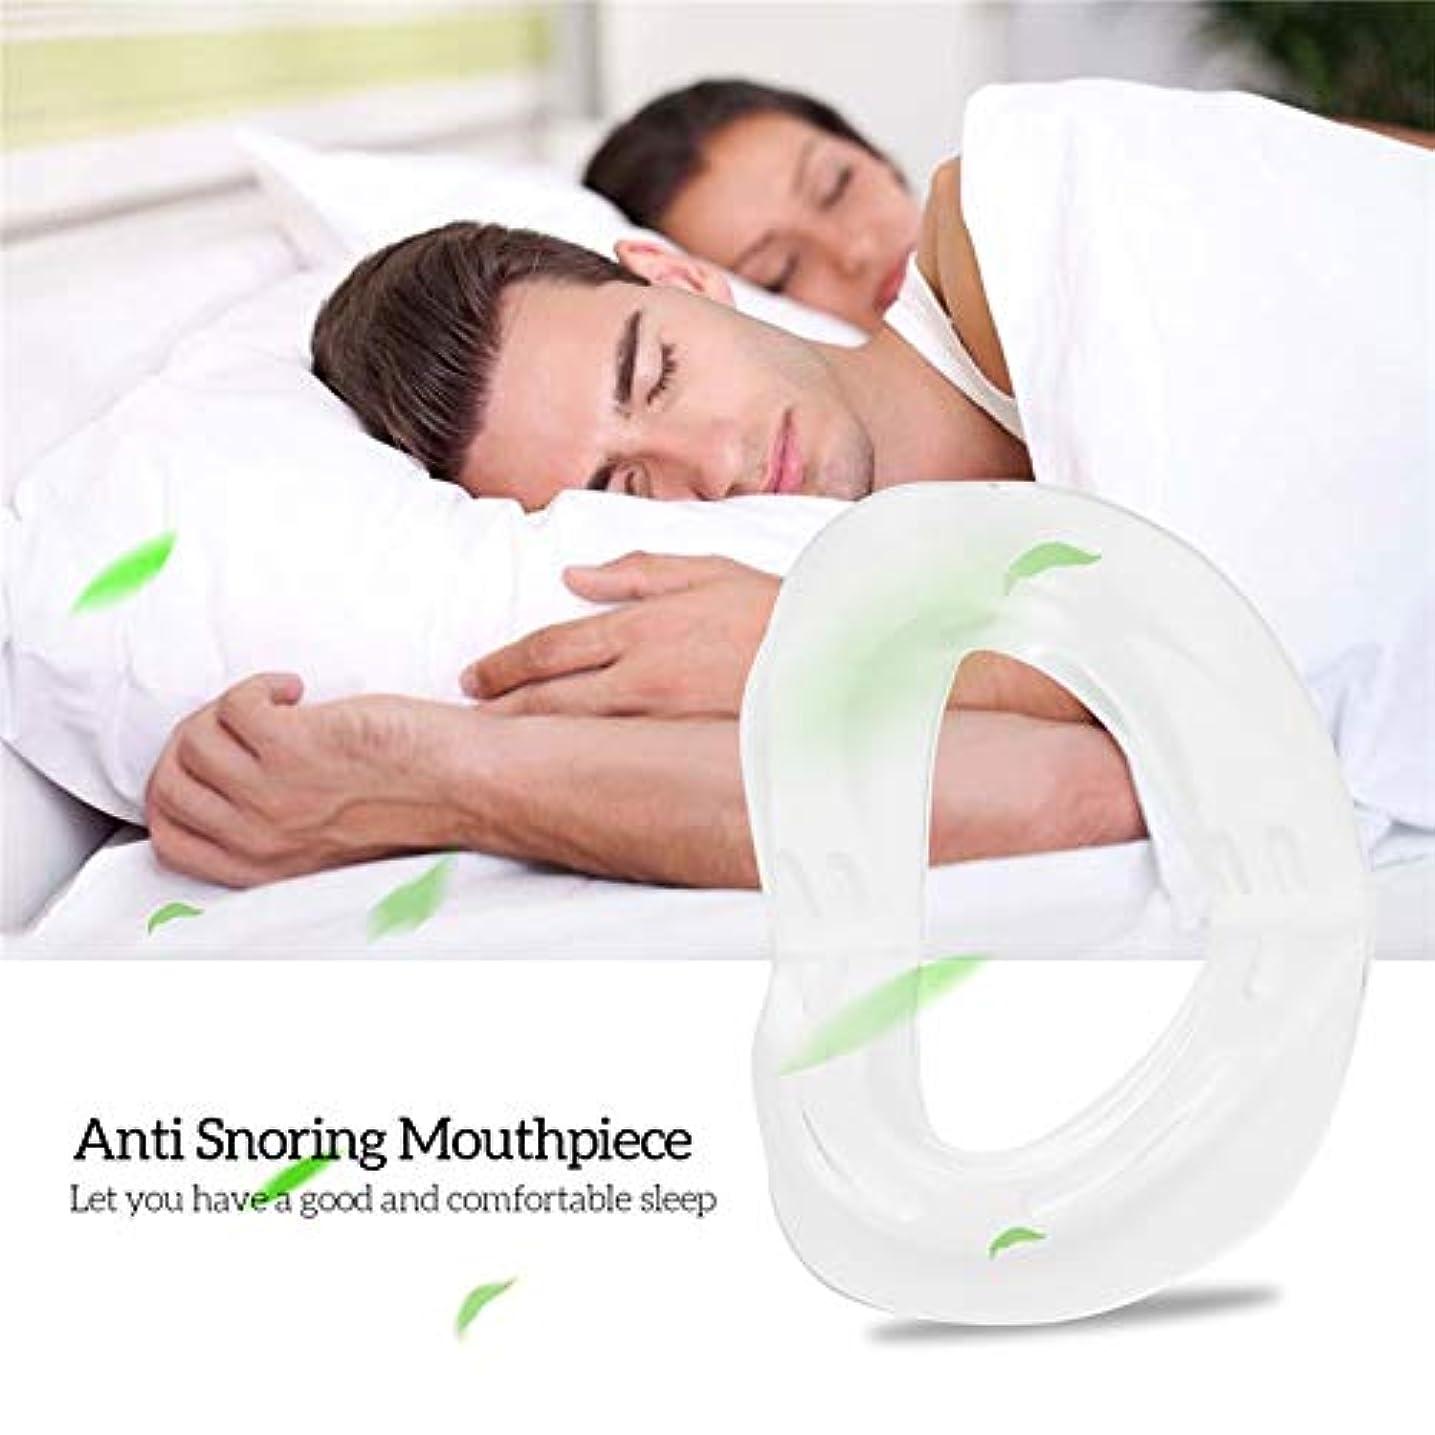 NOTE シリコーンいびき防止いびきマウスピース無呼吸ガード歯ぎしりトレイ睡眠補助具マウスガードパーソナルヘルスケア睡眠いびき